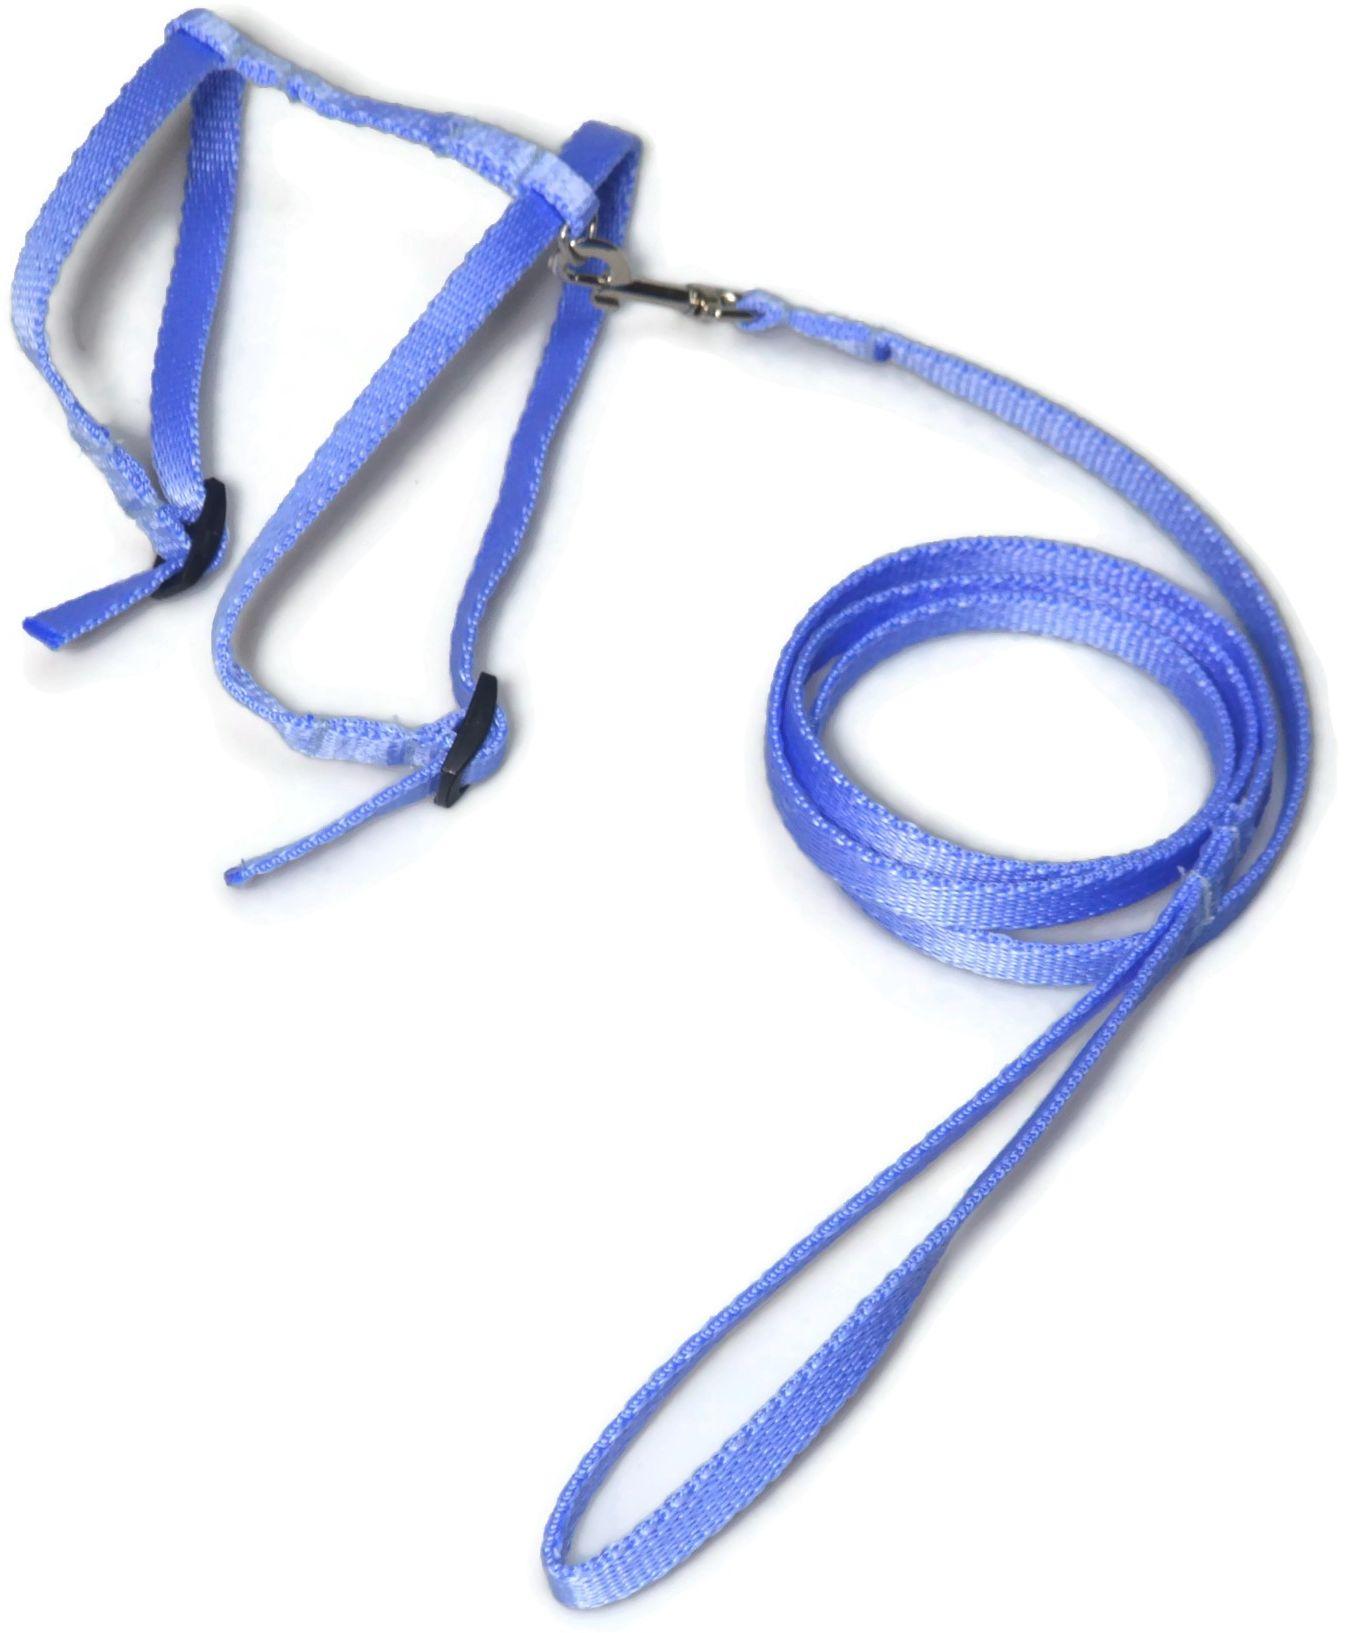 A-059 KOMPLET DLA KOTA V.2 : Kolor - Błękitny - ALIZOO